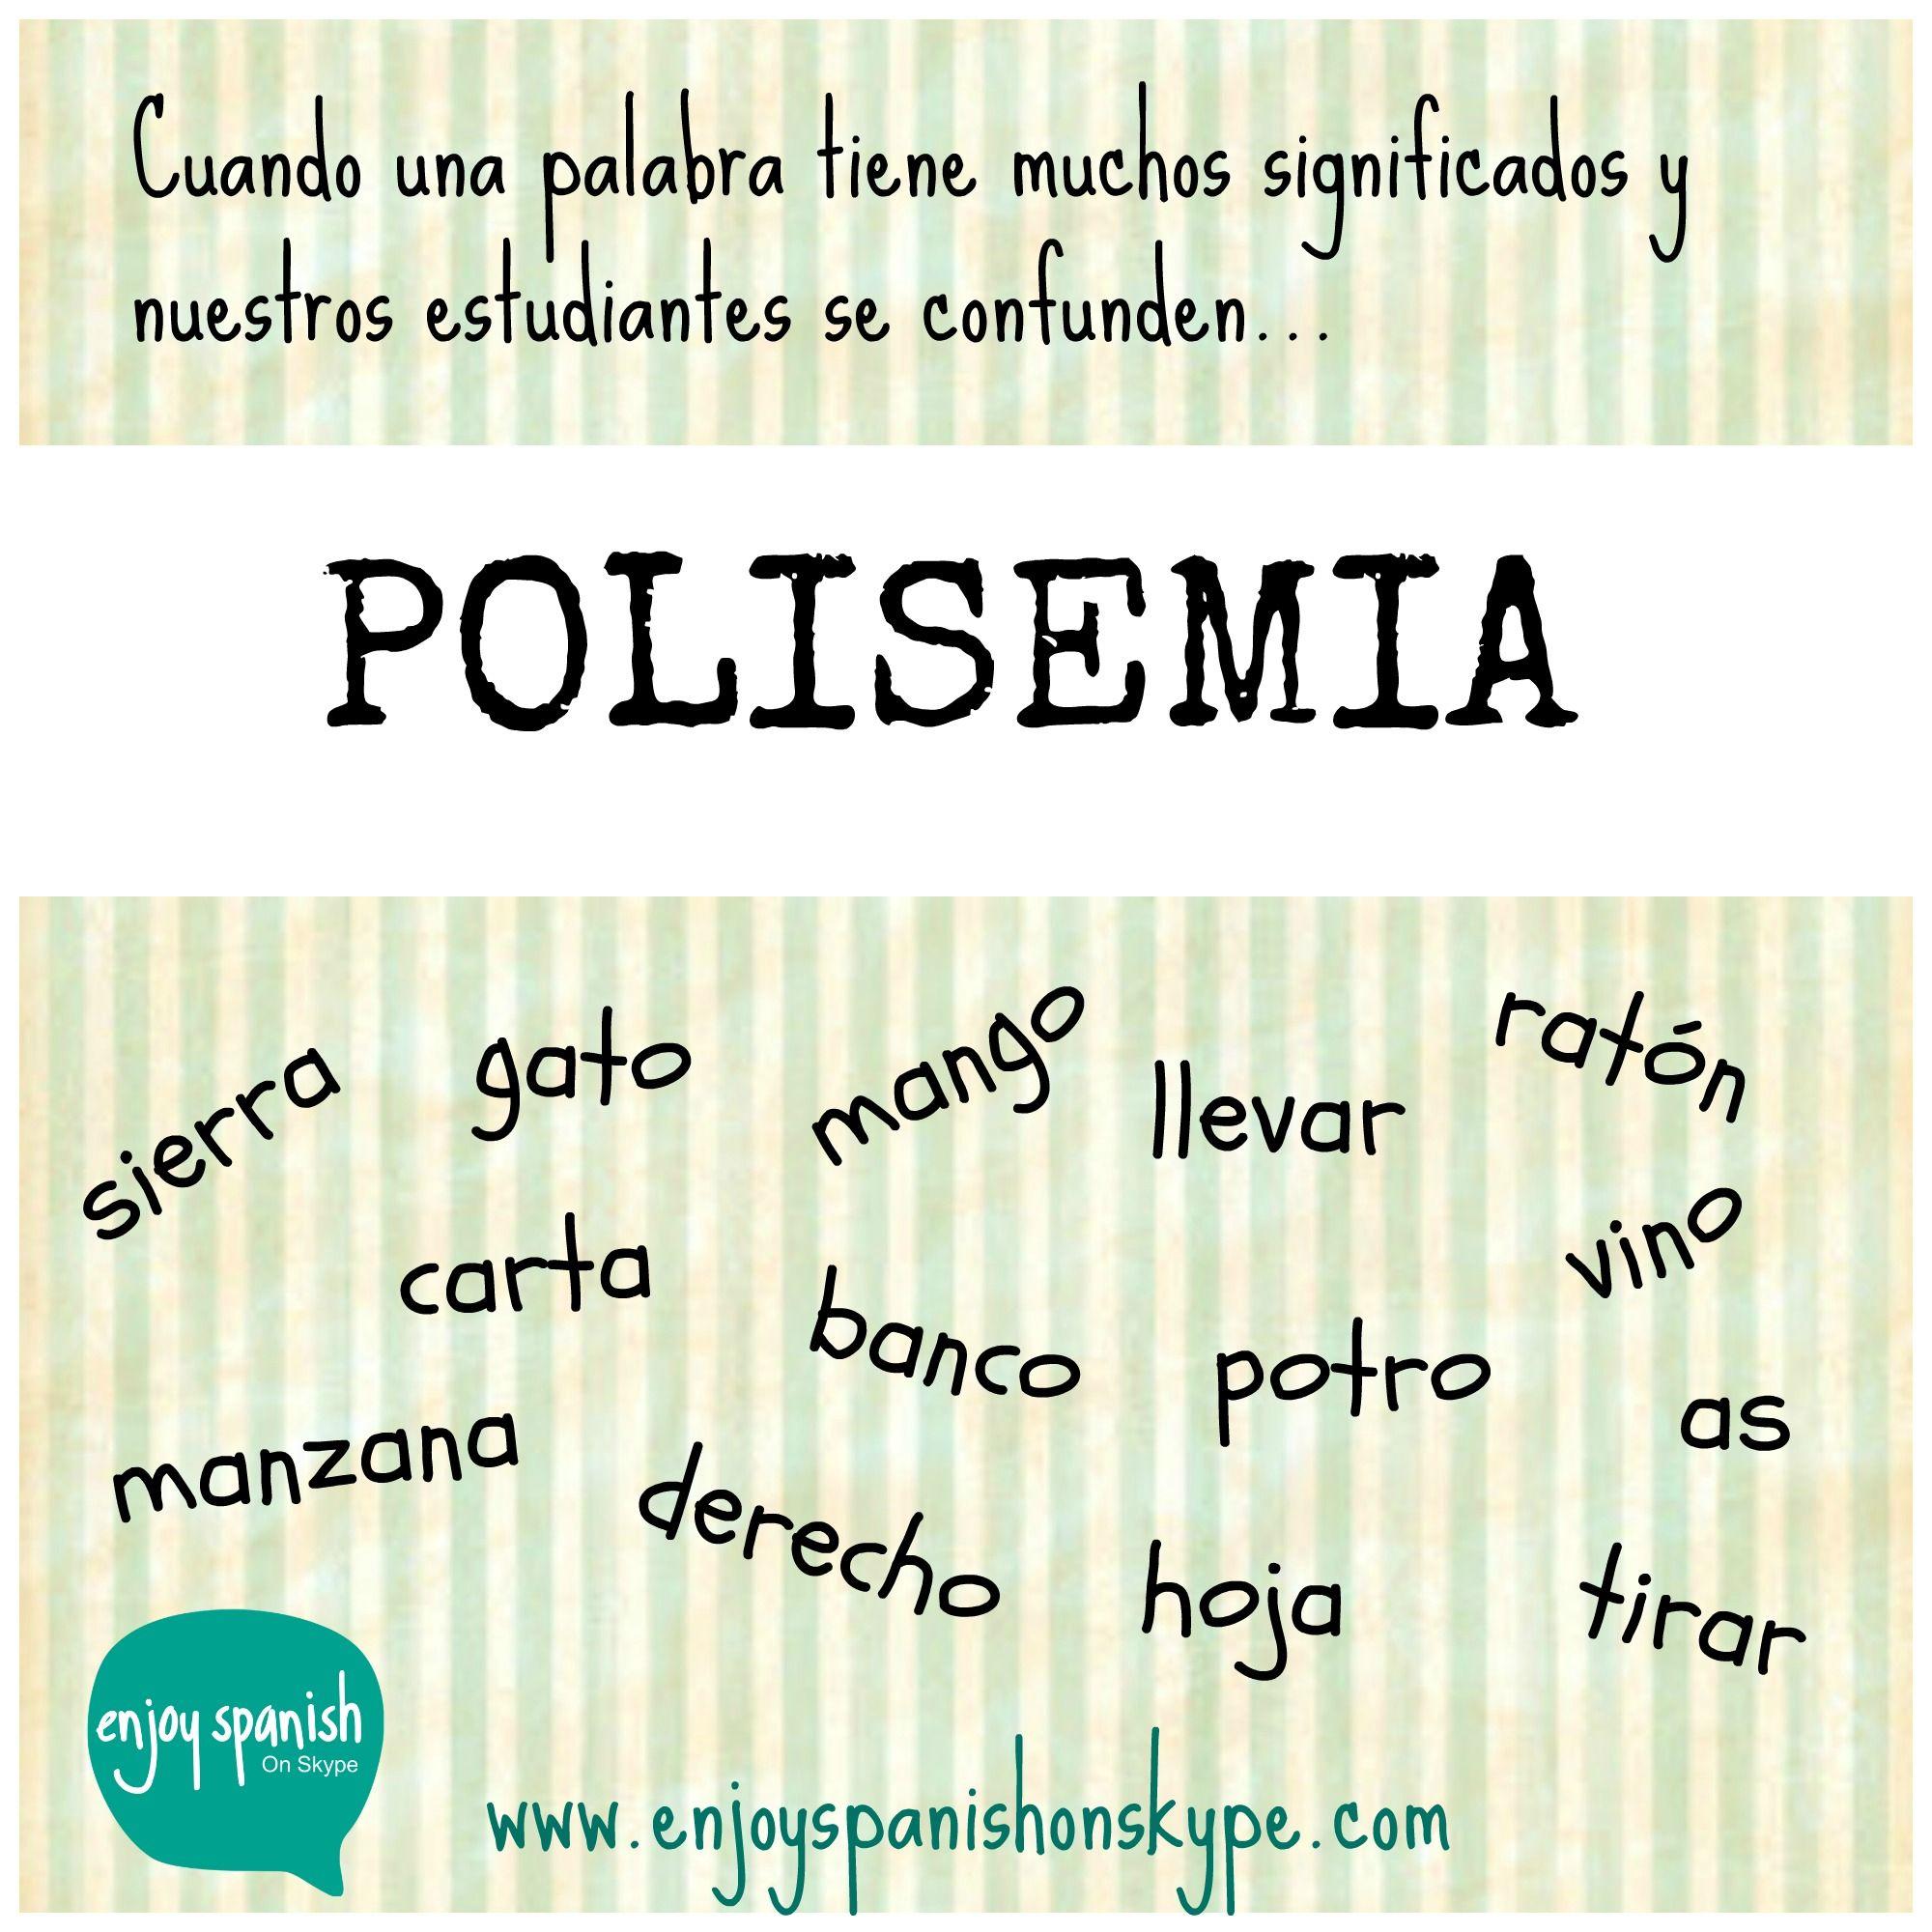 Palabras Polisemicas Palabras Polisemicas Vocabulario Espanol Aprender Espanol